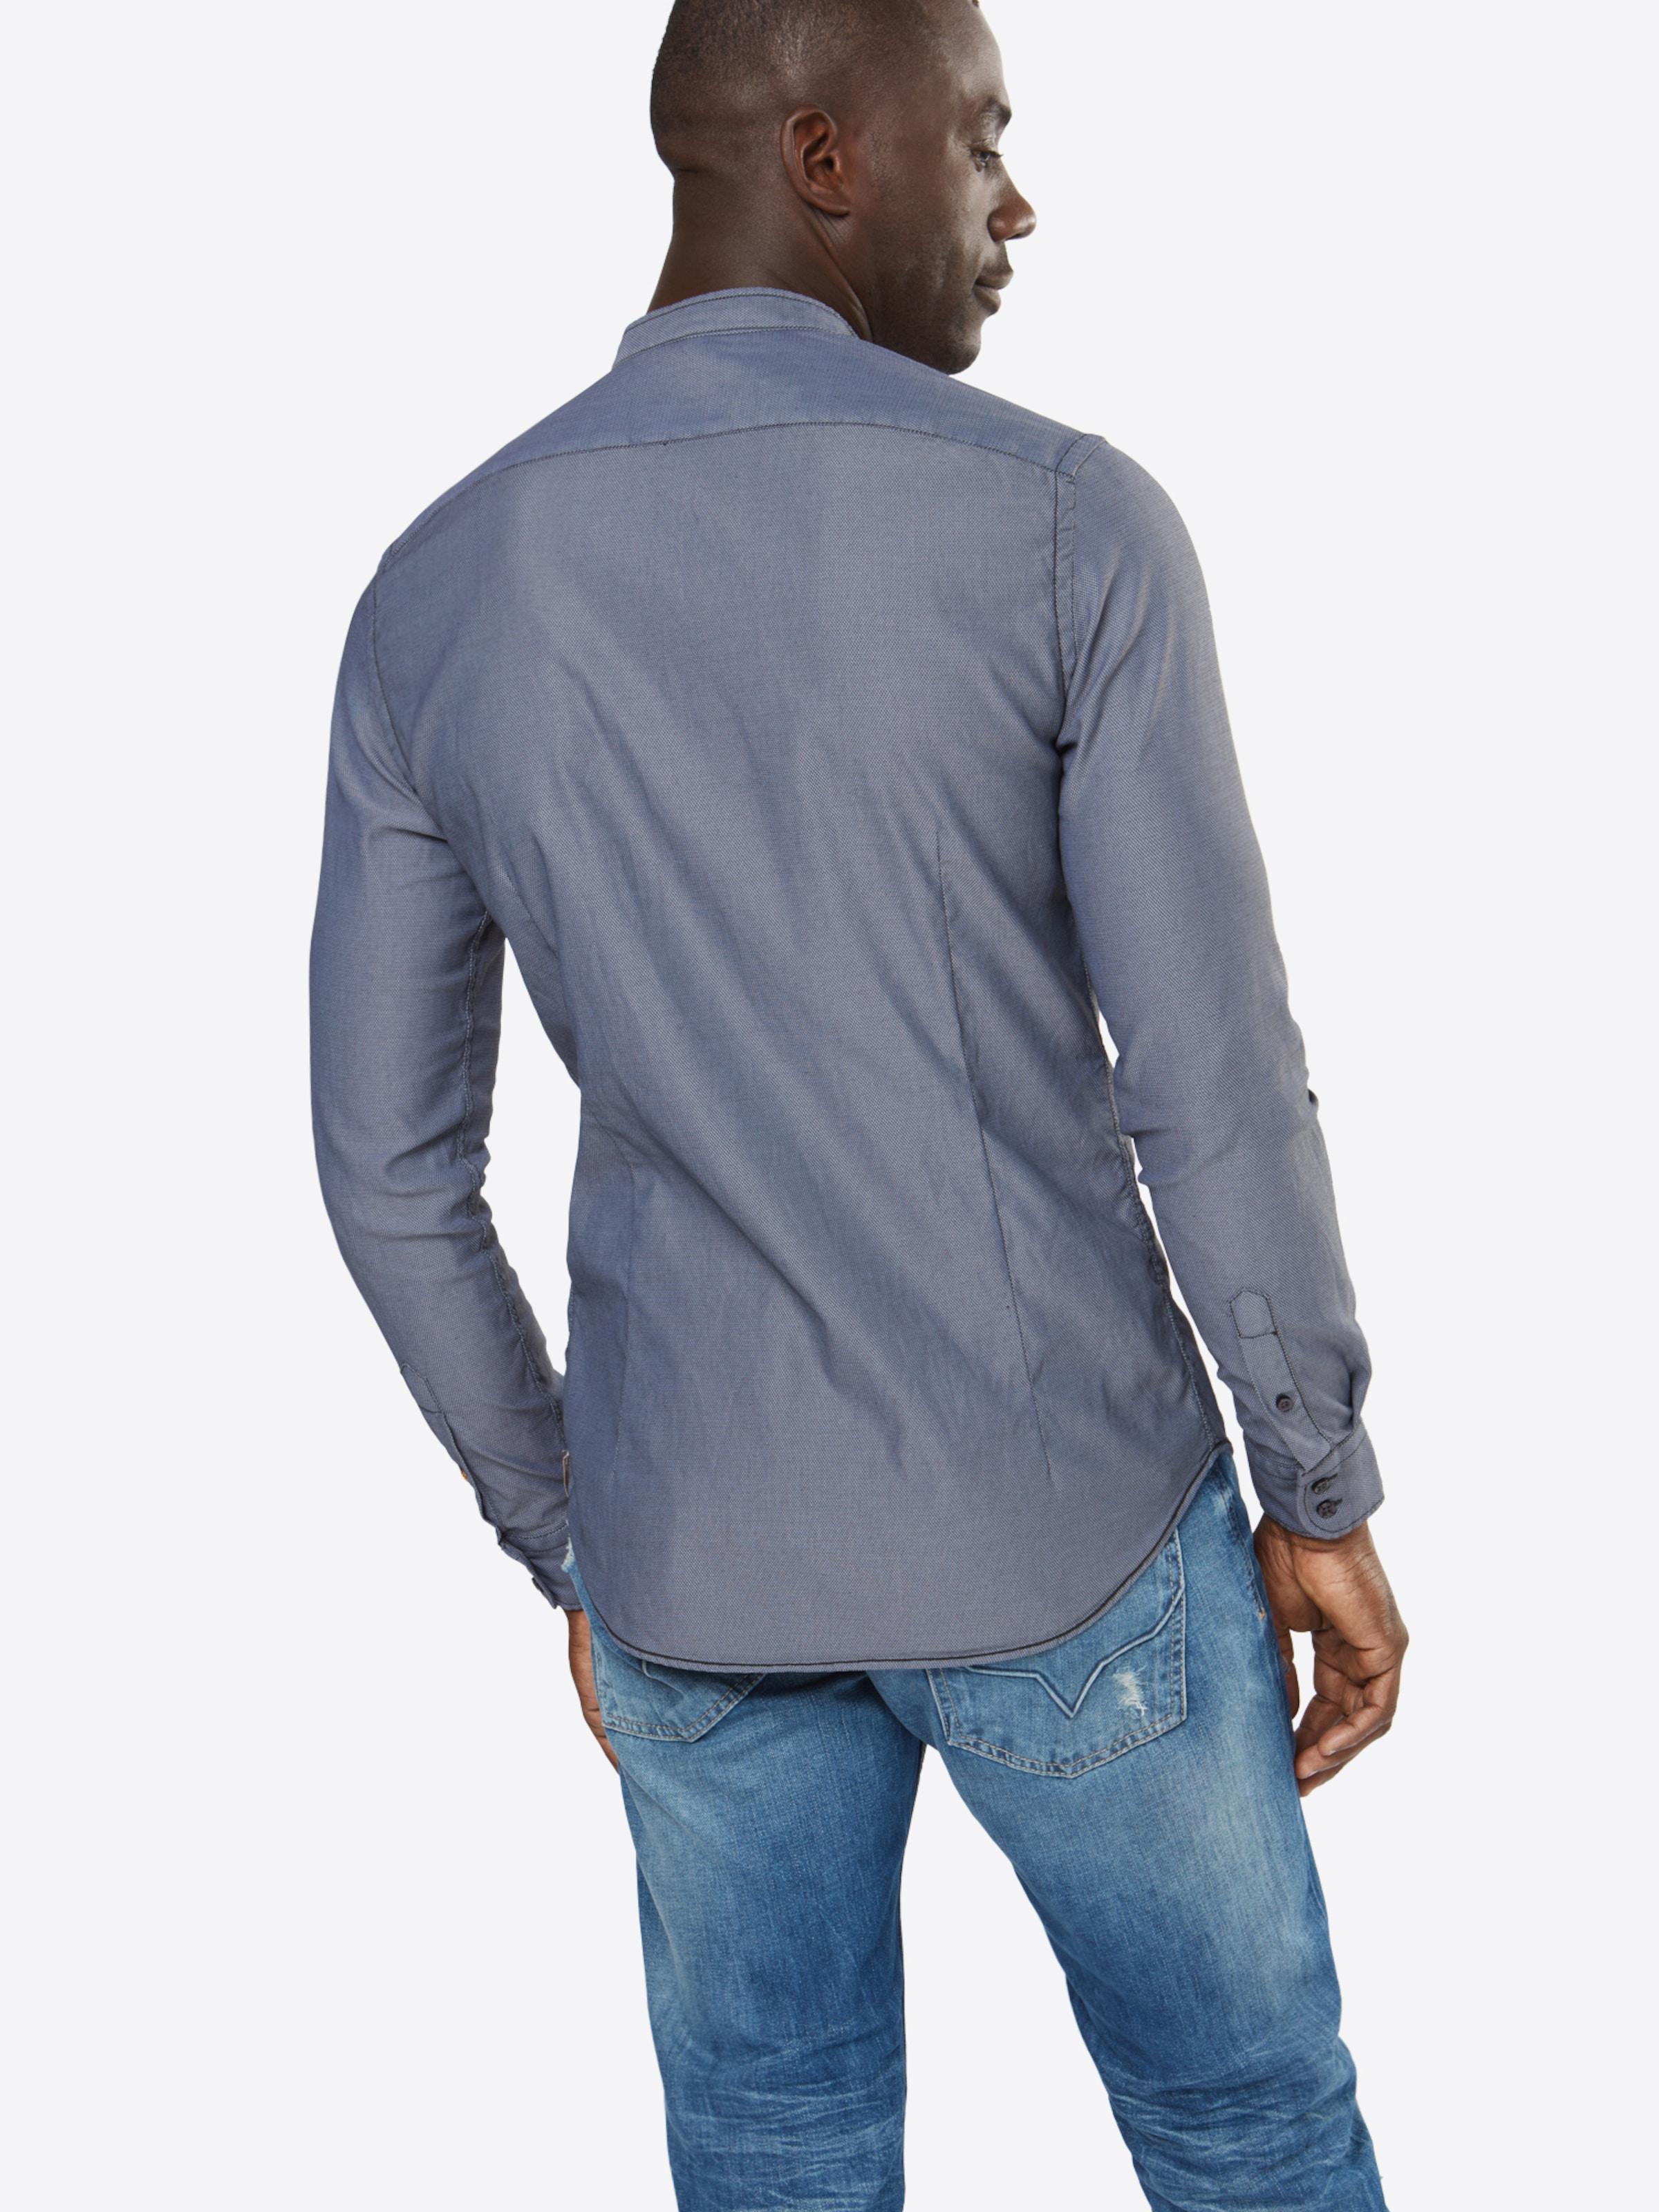 Q1 Slim fit Hemd mit Stehkragen Extrem Günstig Online Fabrikverkauf Verkauf Günstiger Preis LQgyxUCmet